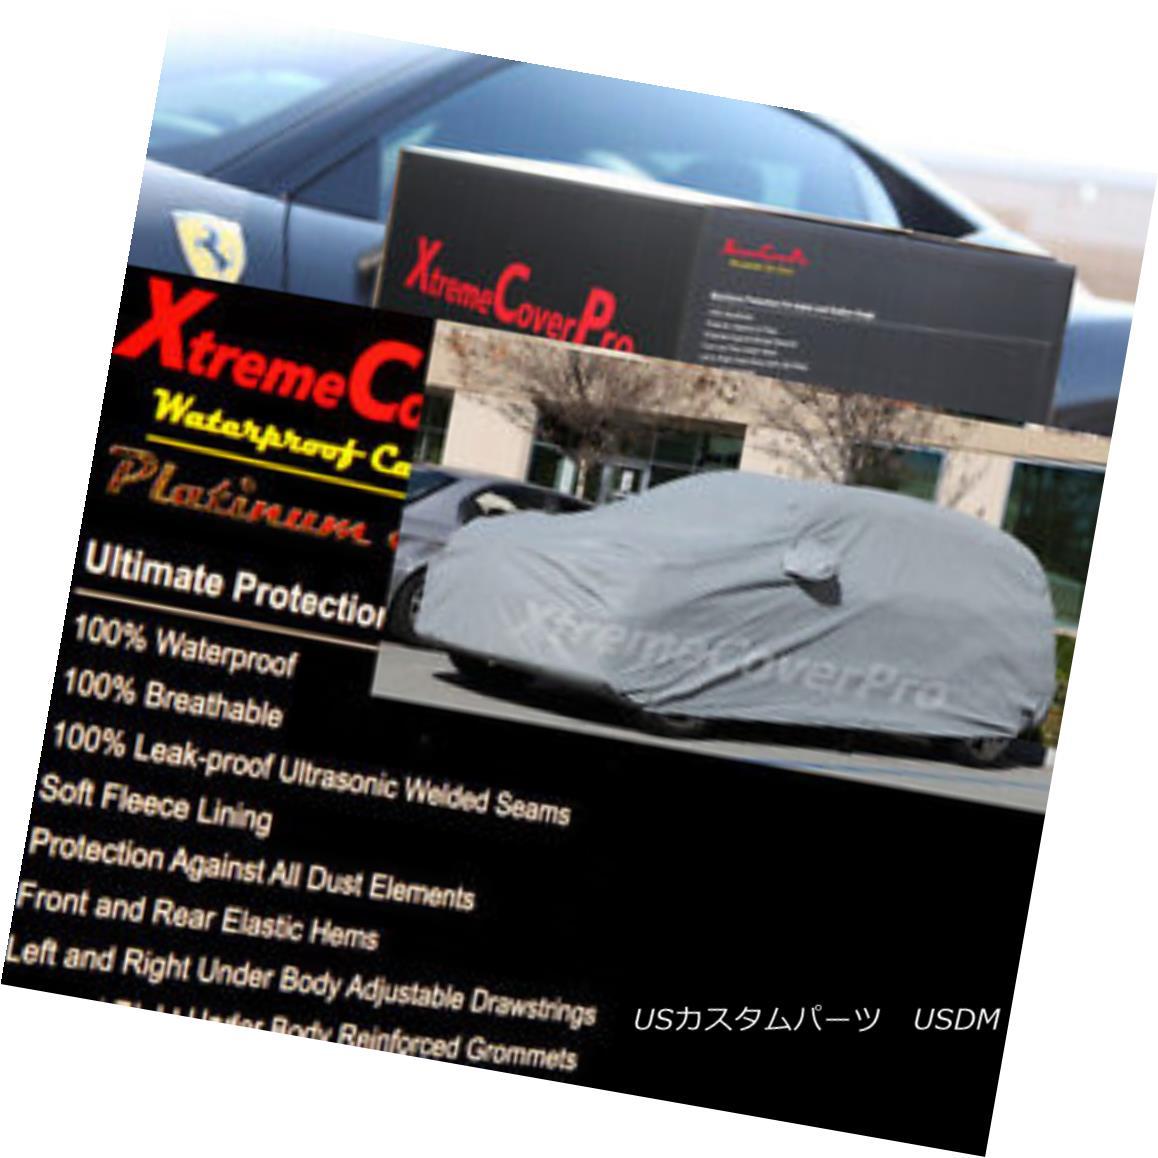 カーカバー 2014 Lincoln NAVIGATOR Waterproof Car Cover w/ Mirror Pocket 2014年のリンカーン・ナビゲーター防水カーカバー(ミラーポケット付)